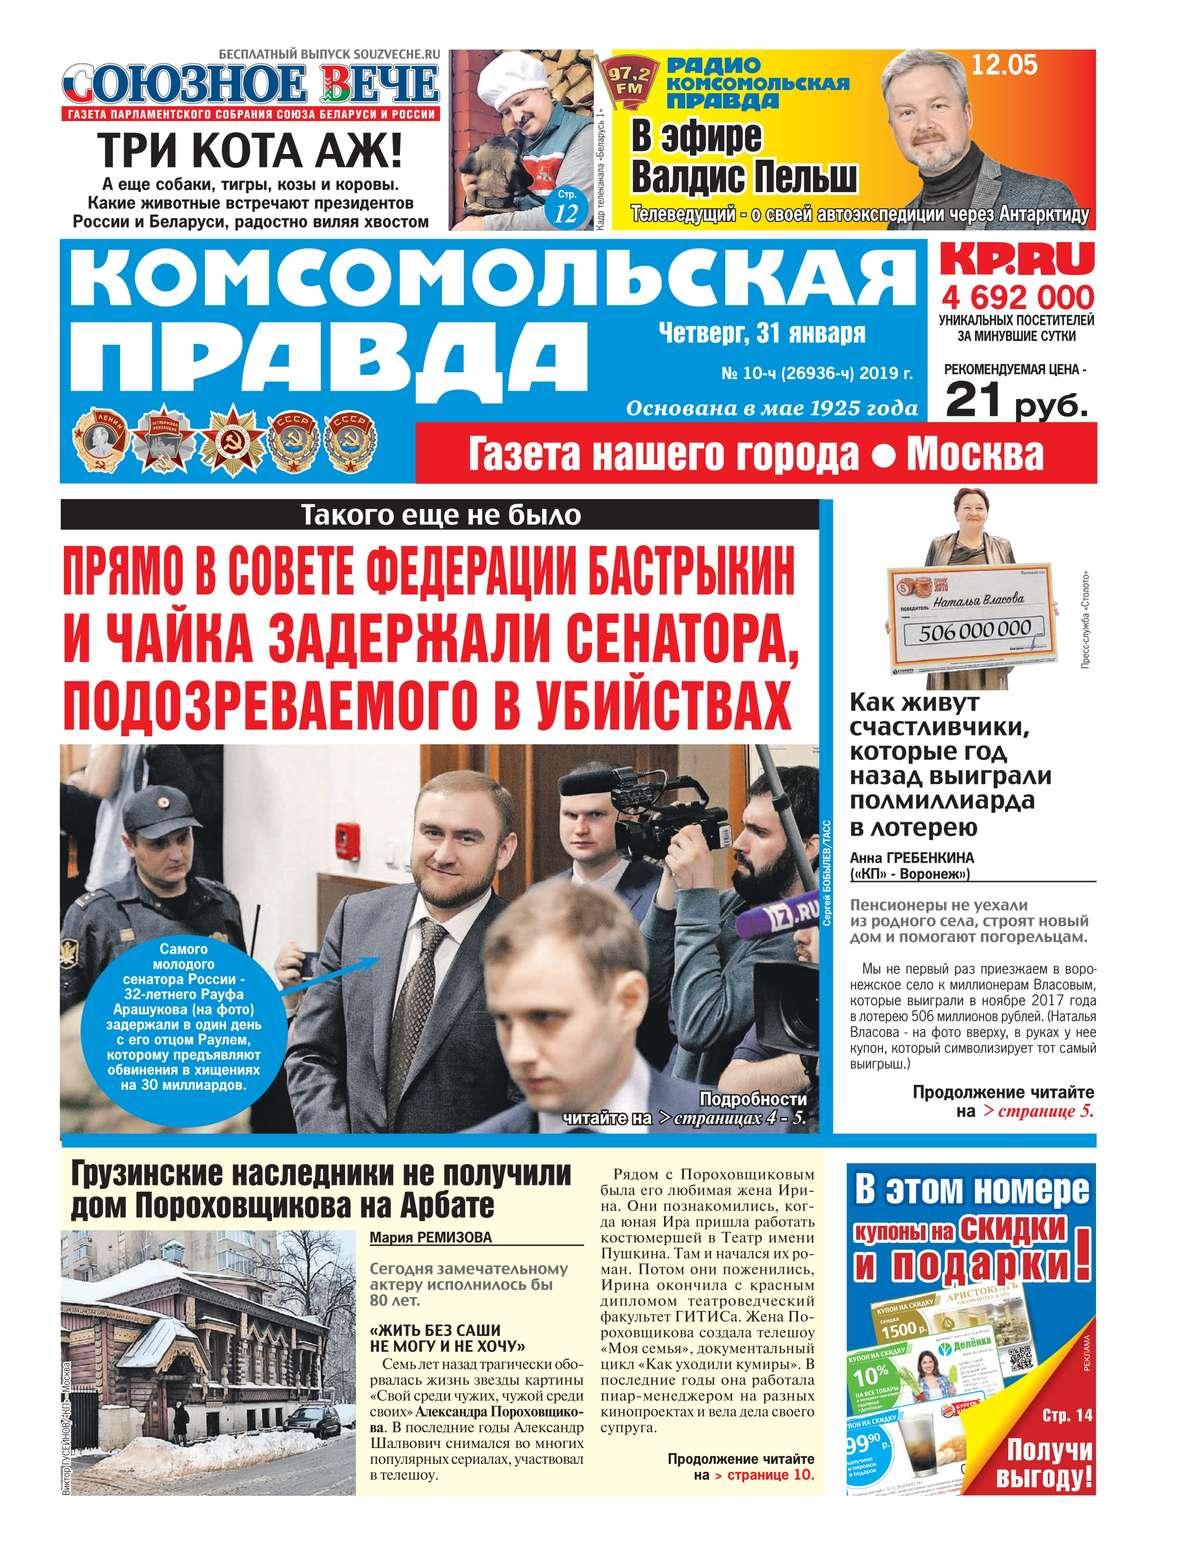 Комсомольская Правда. Москва 10ч-2019